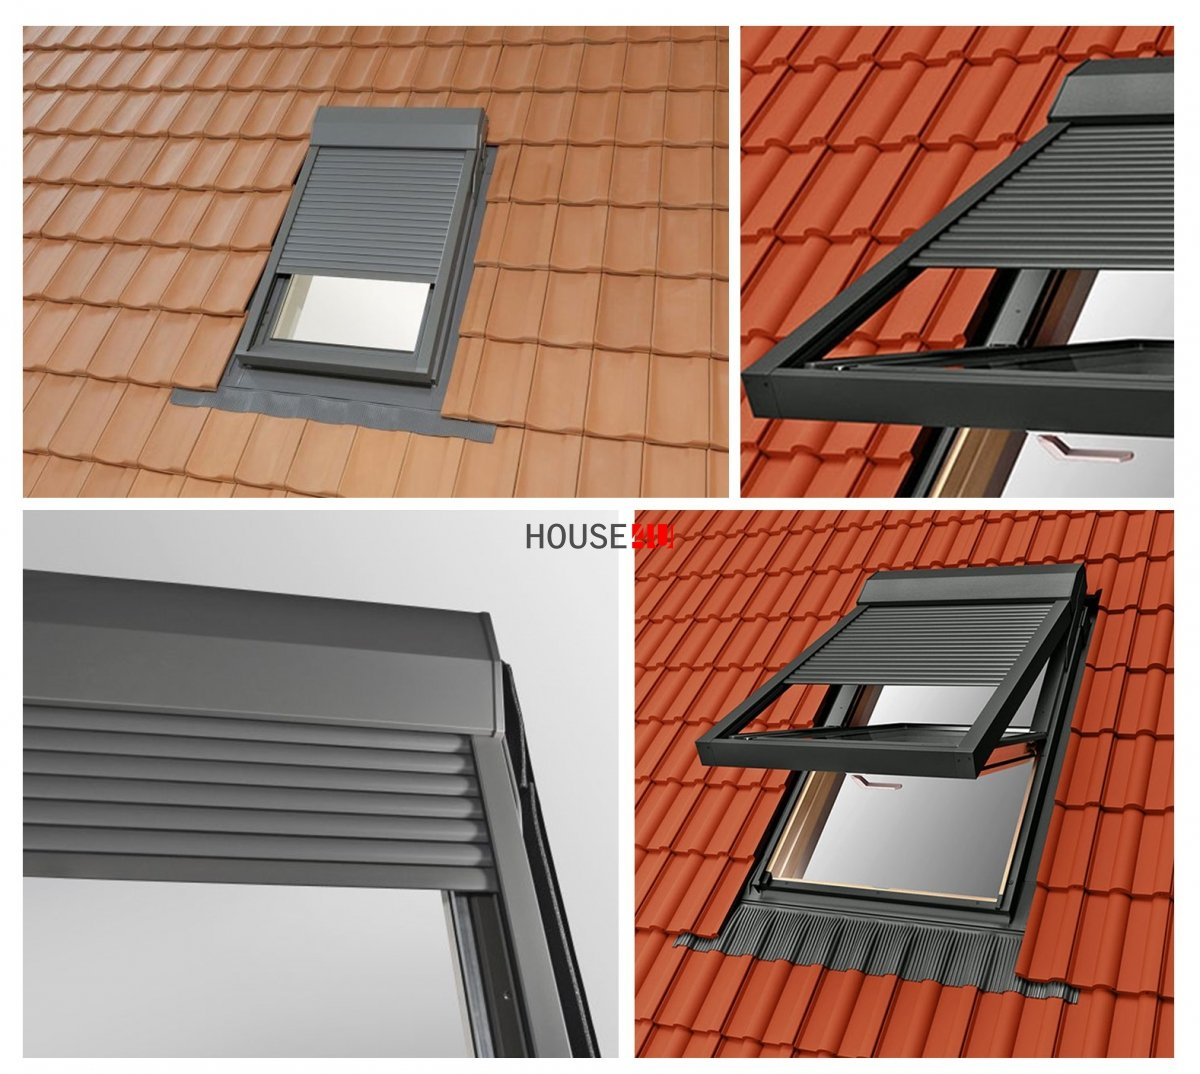 Au enrollladen elektrisch shr elektro au enrollladen f r rooflite velux fakro optilight - Velux dachfenster elektrisch nachrusten ...